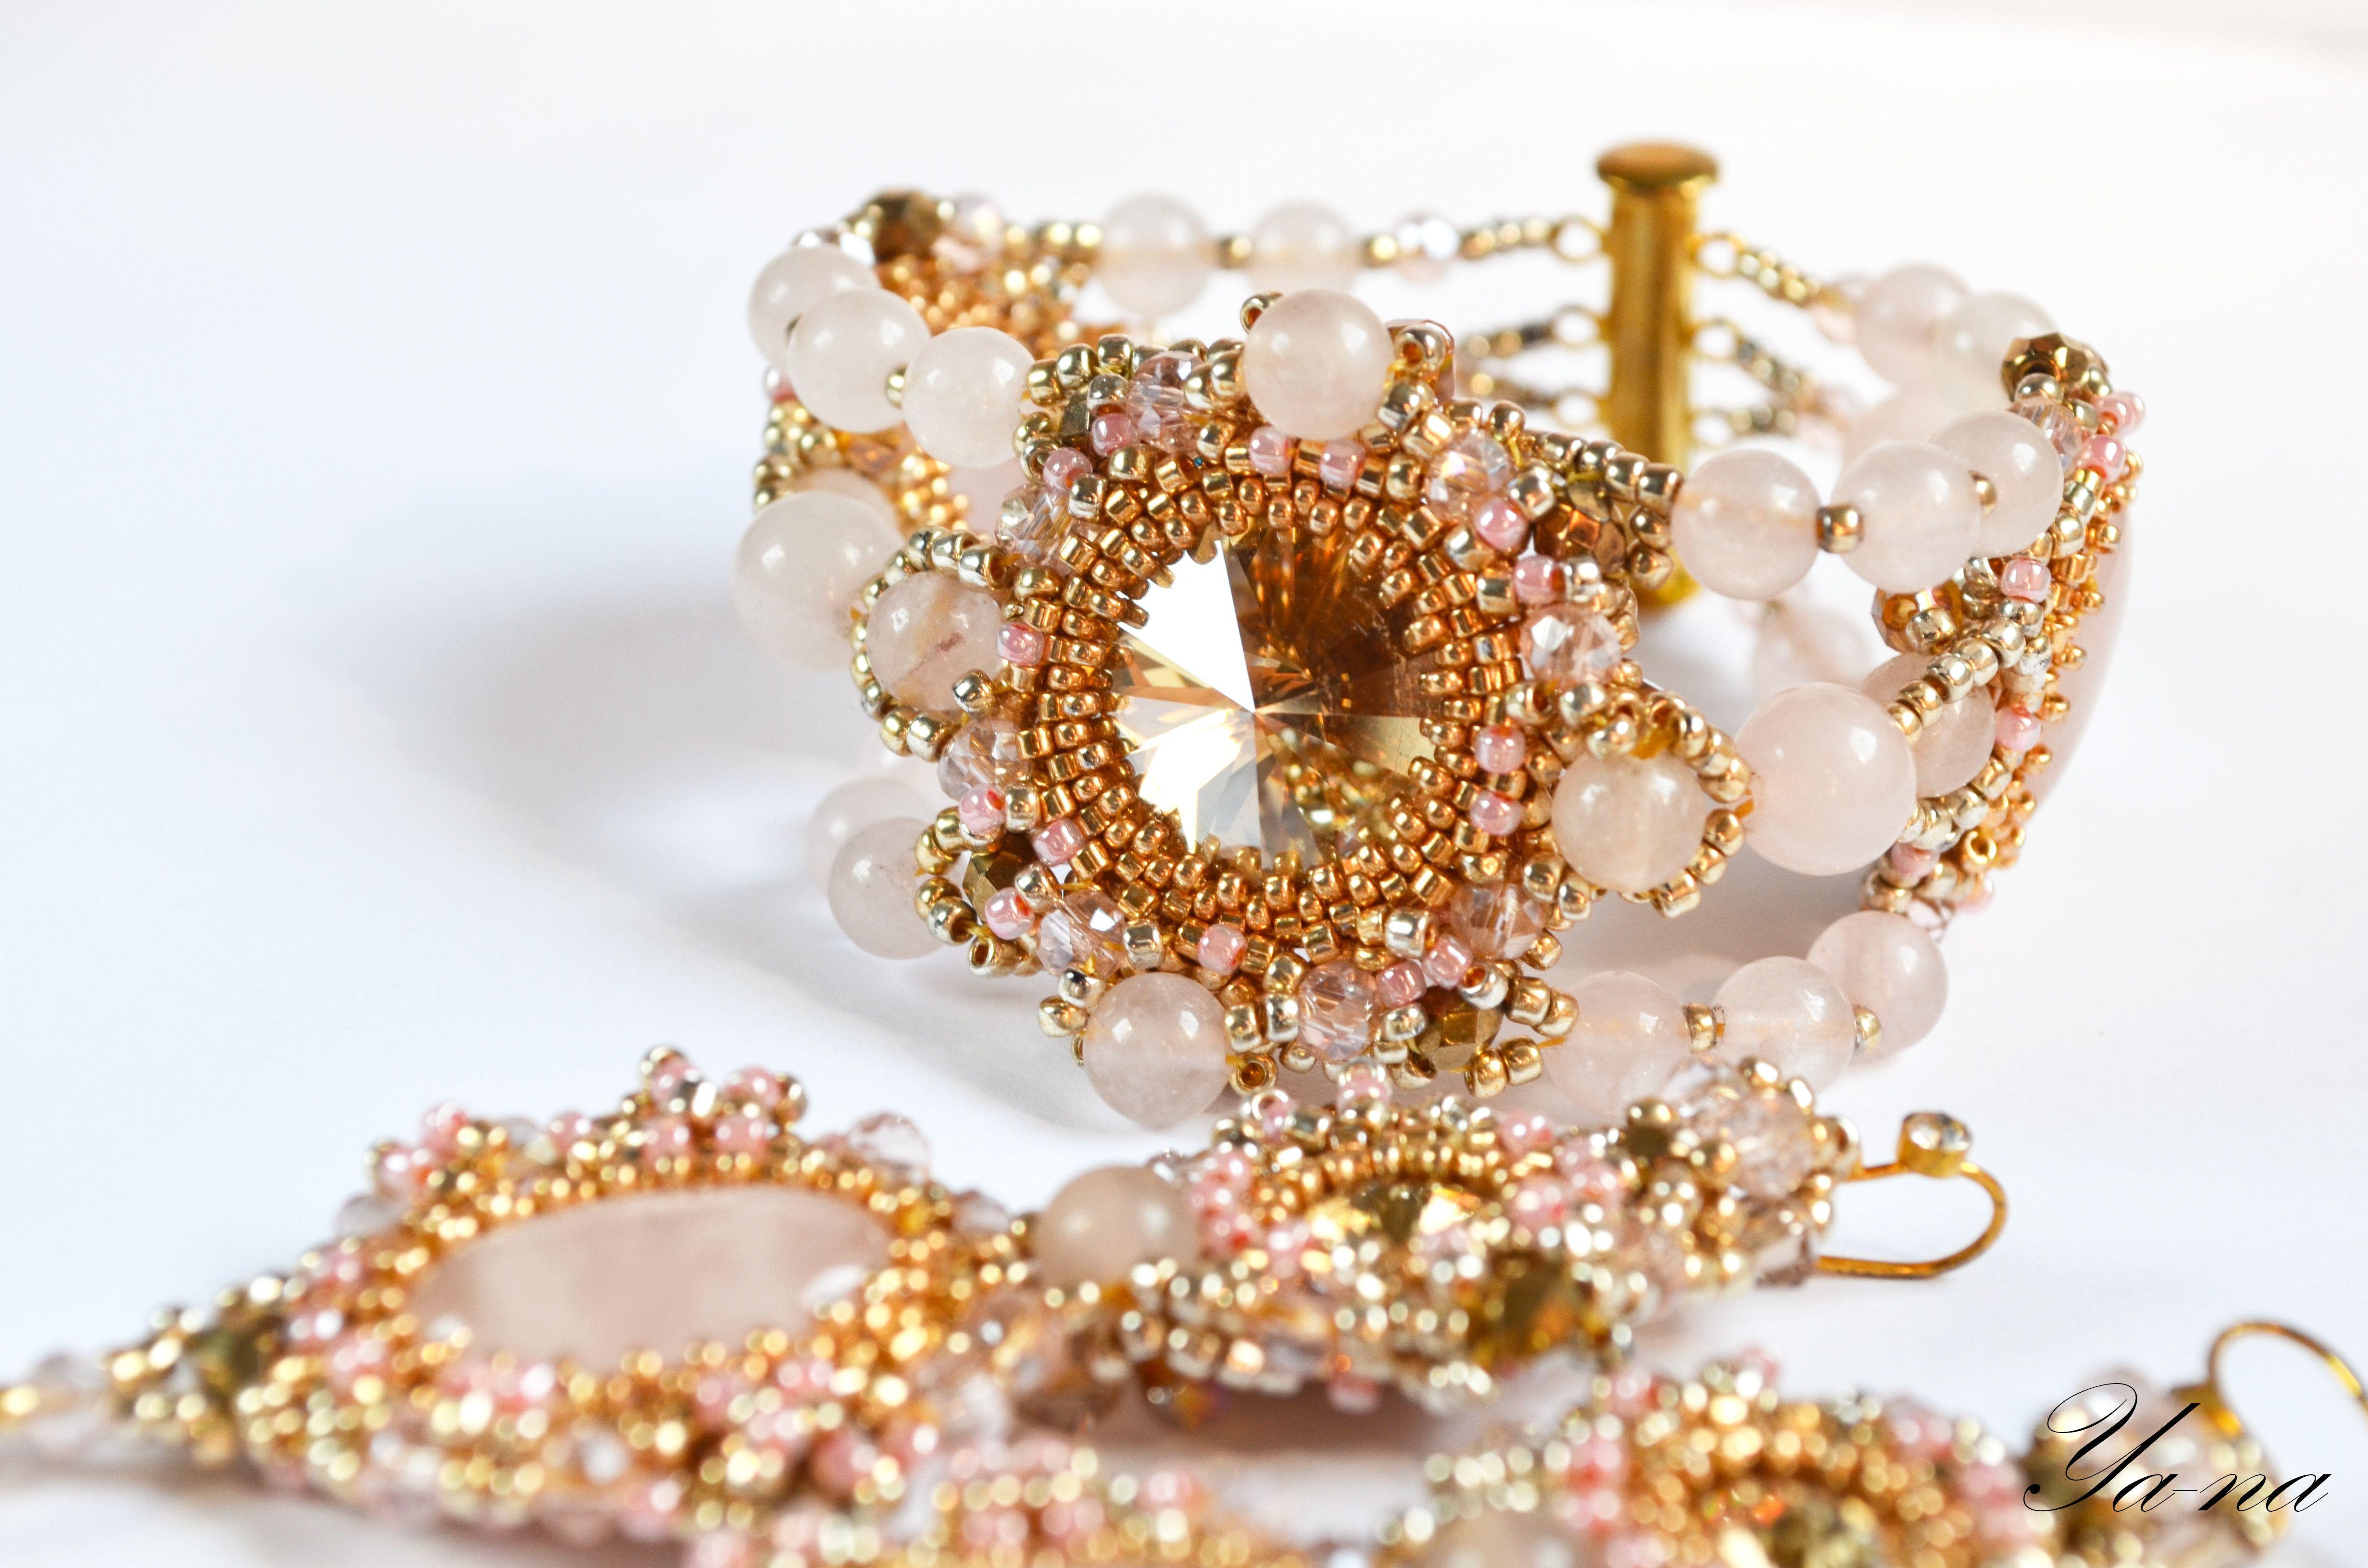 ручнаяработа бисероплетение подарок браслет серьги длядевушки розовый розовыйкварц золотой бусины серьгиизбисера купитьподарок золотистый новосибирск длялюбимой брошьскварцем нежнорозовый бисерныесерьги серьгискварцем кольцоскварцем